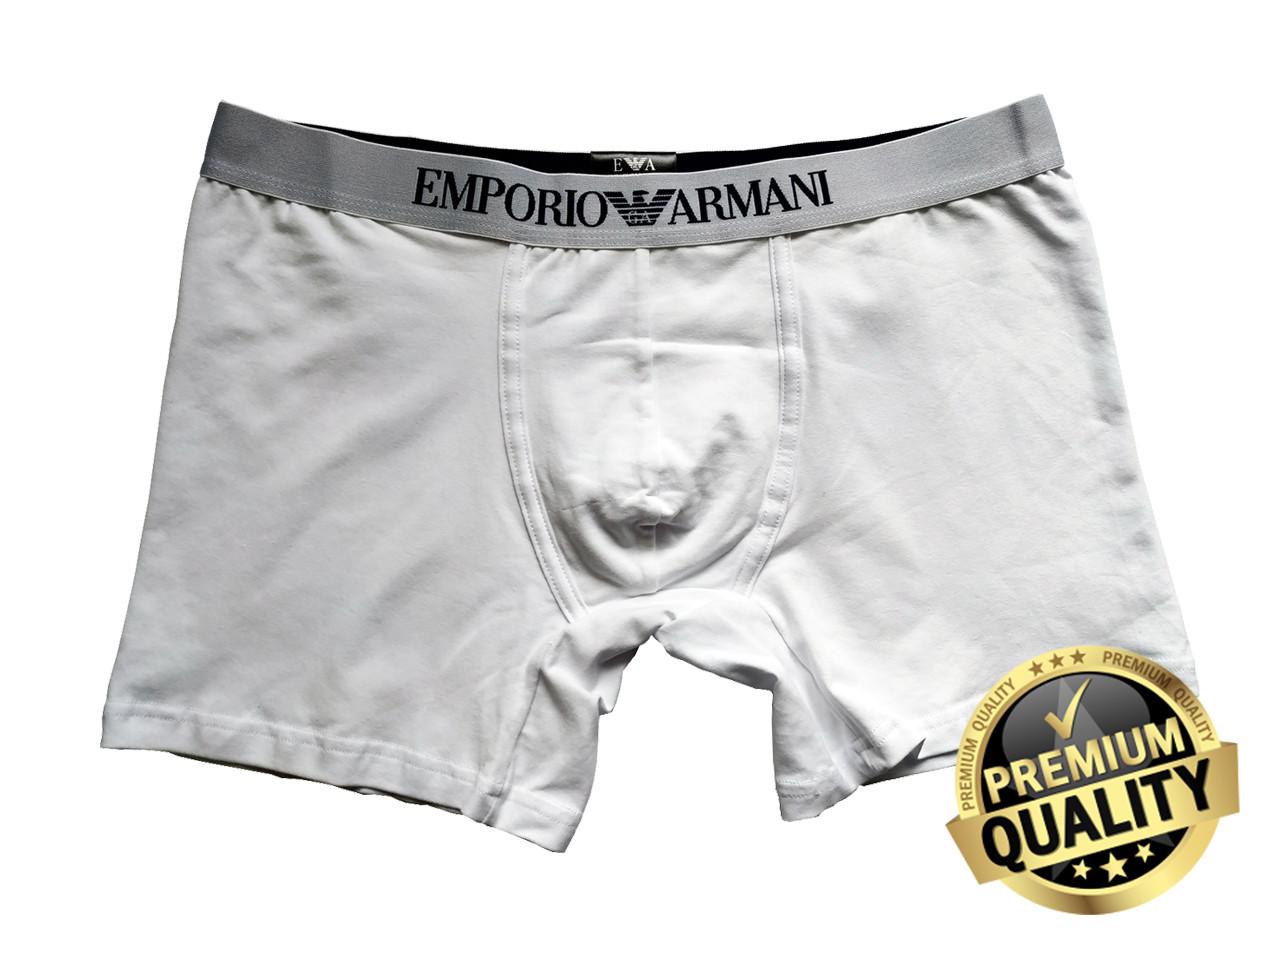 Чоловічі труси Emporio Armani білі. Повномірна подовжена модель. Преміум якість